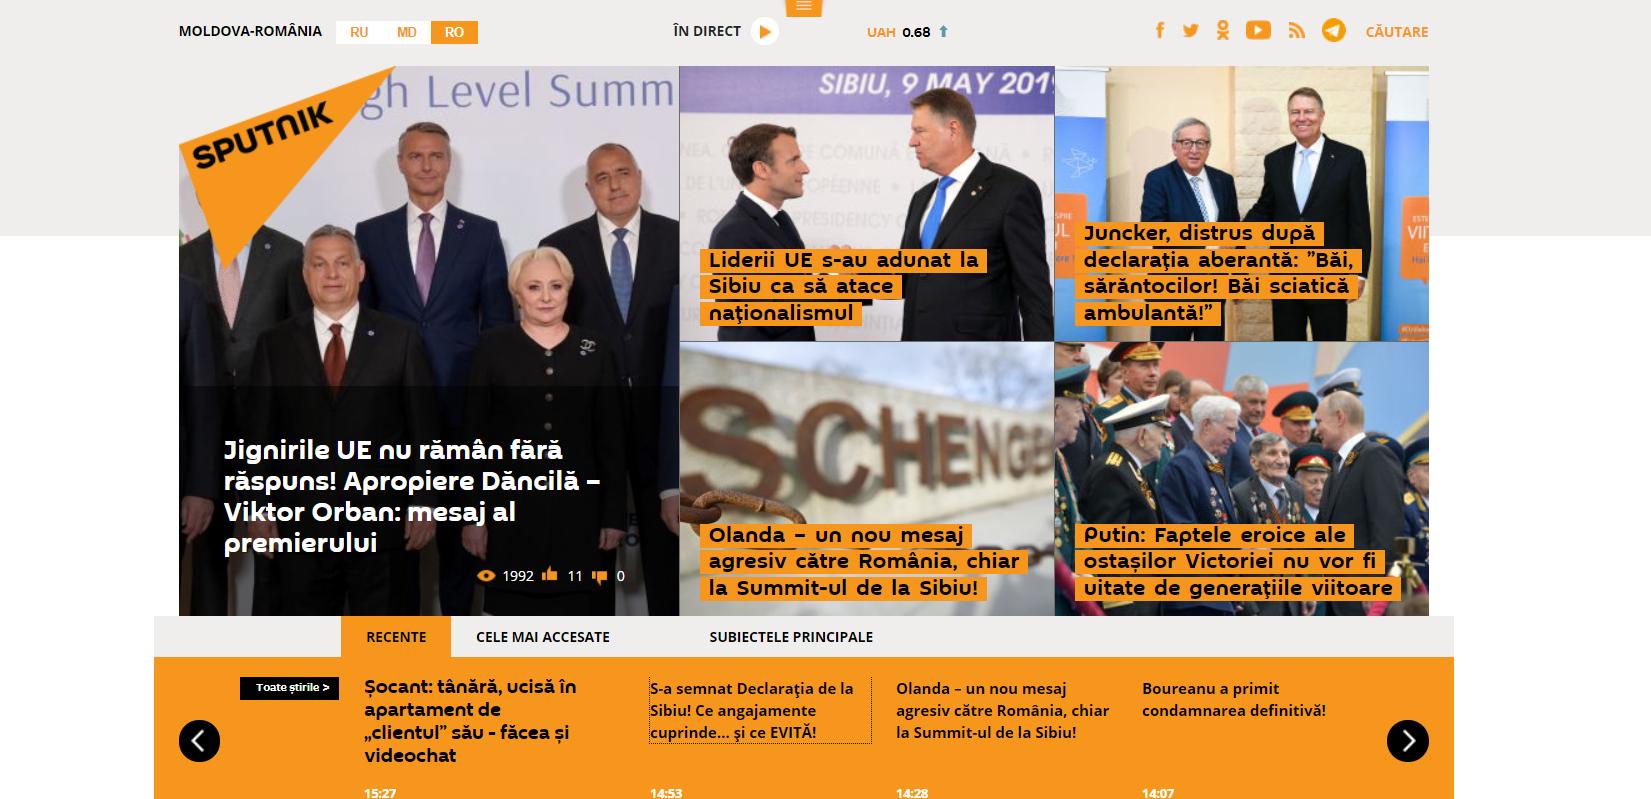 Summit-ul de la Sibiu, prin ochii site-ului oficial de propagandă rusă